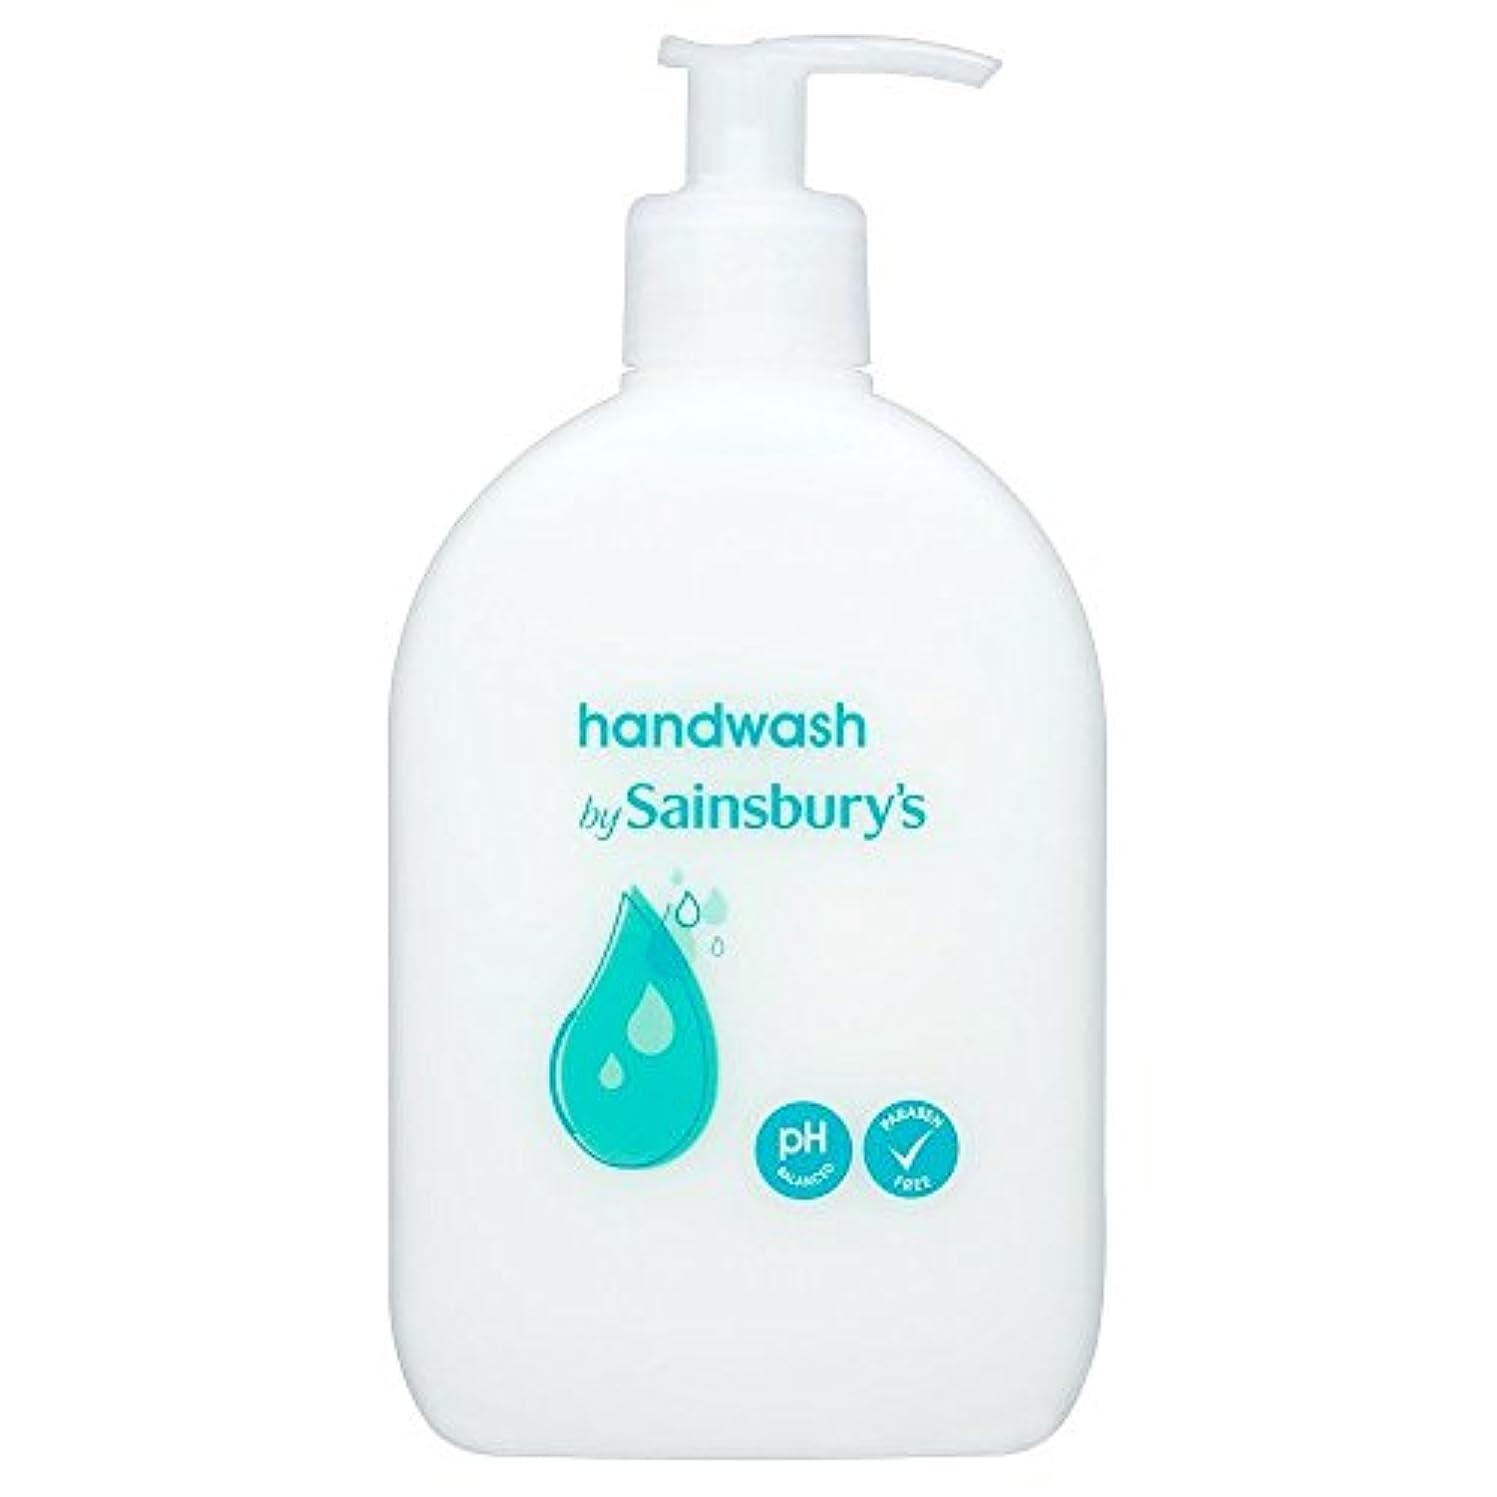 スポット責仲良しSainsbury's Handwash, White 500ml (Pack of 2) - (Sainsbury's) 手洗い、白500ミリリットル (x2) [並行輸入品]